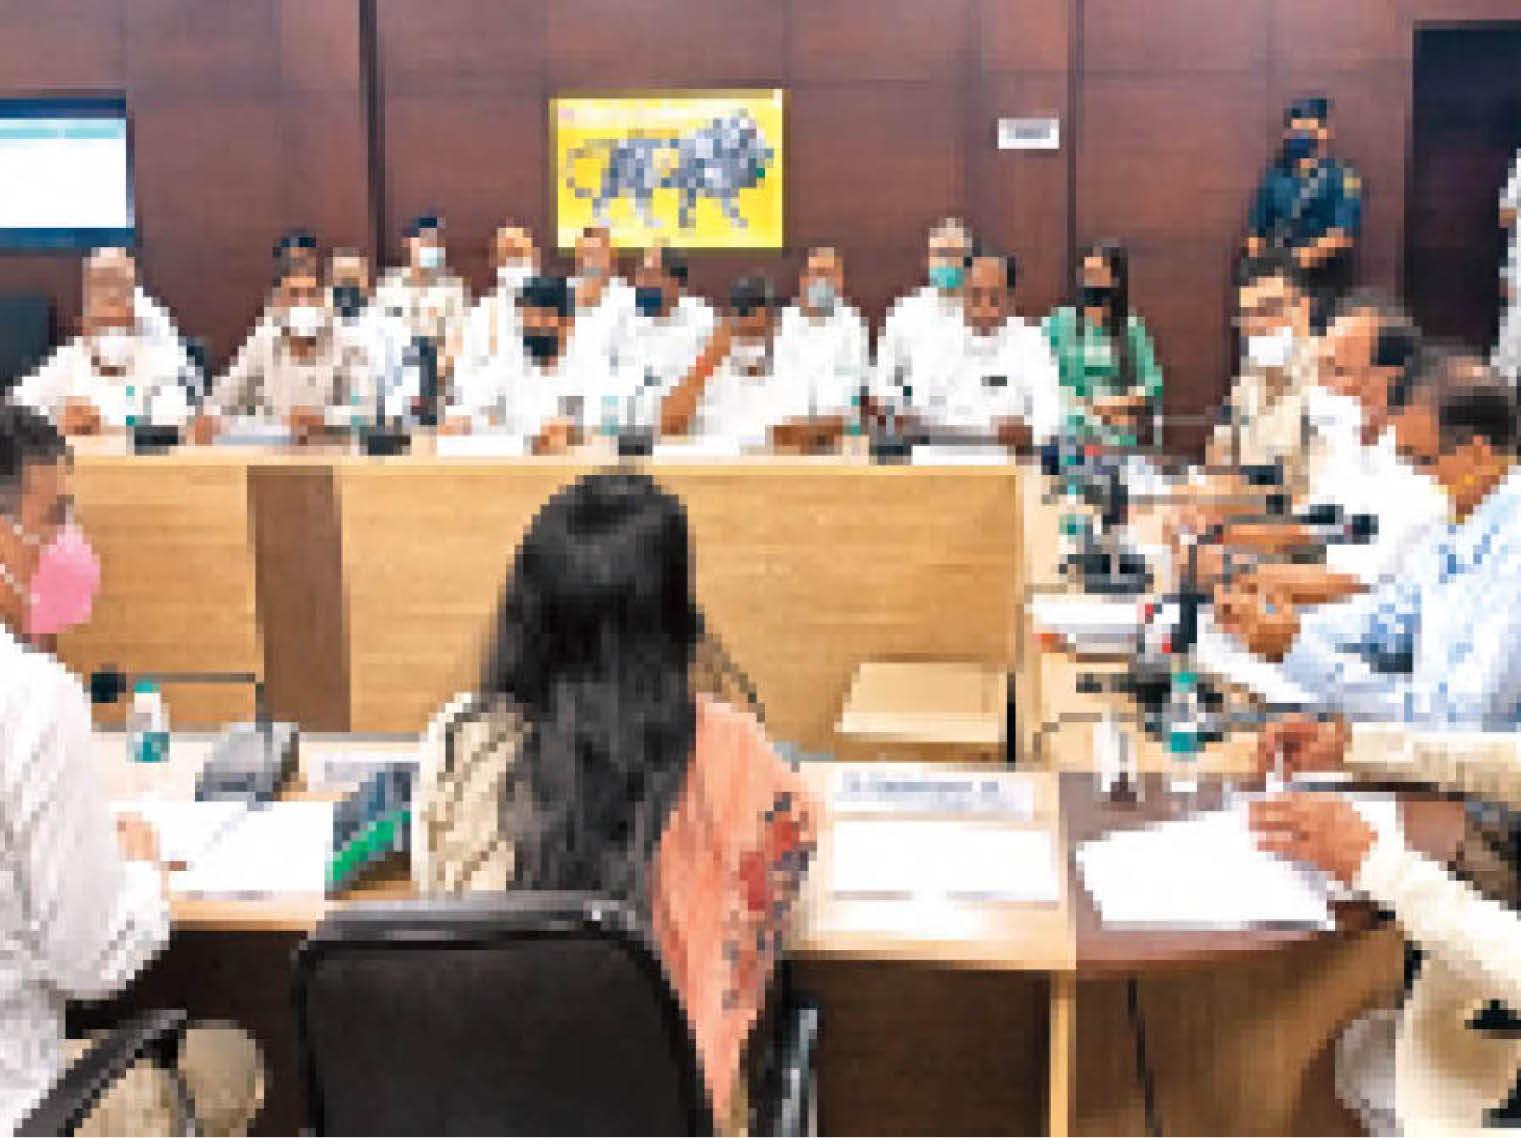 पलवल. सहकारिता मंत्री डॉ. बनवारी लाल ग्रीवांस कमेटी की बैठक में लोगों की शिकायतें सुनते हुए। - Dainik Bhaskar